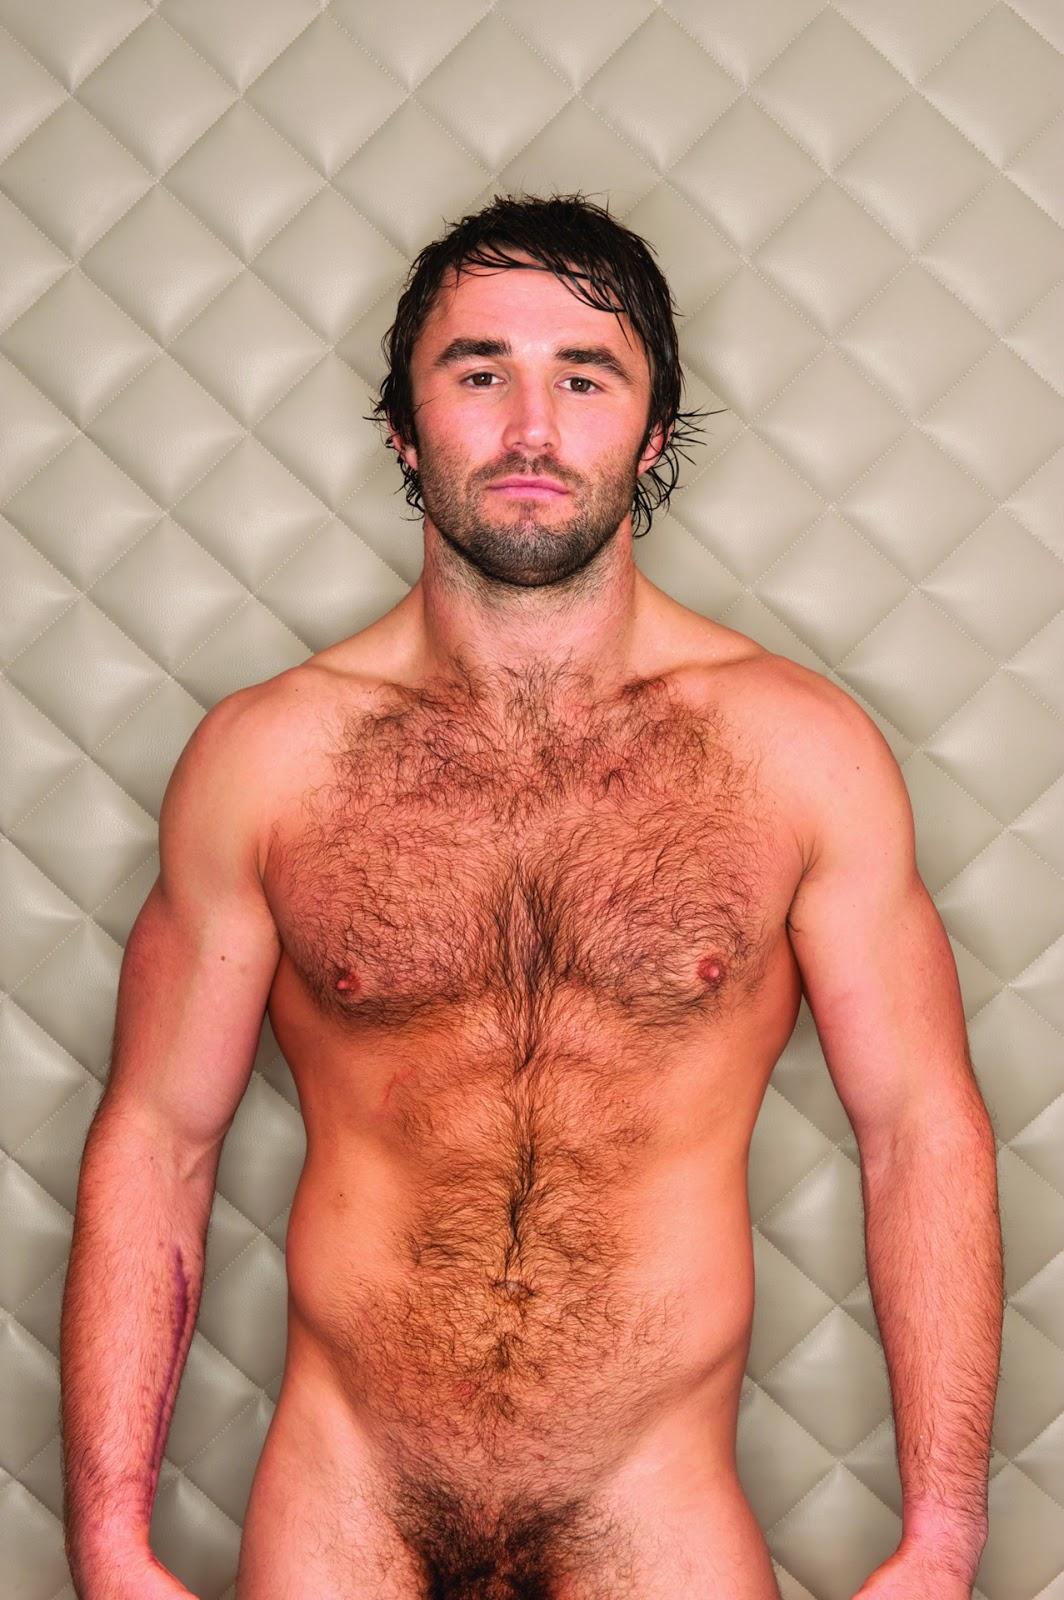 hairy men lover: